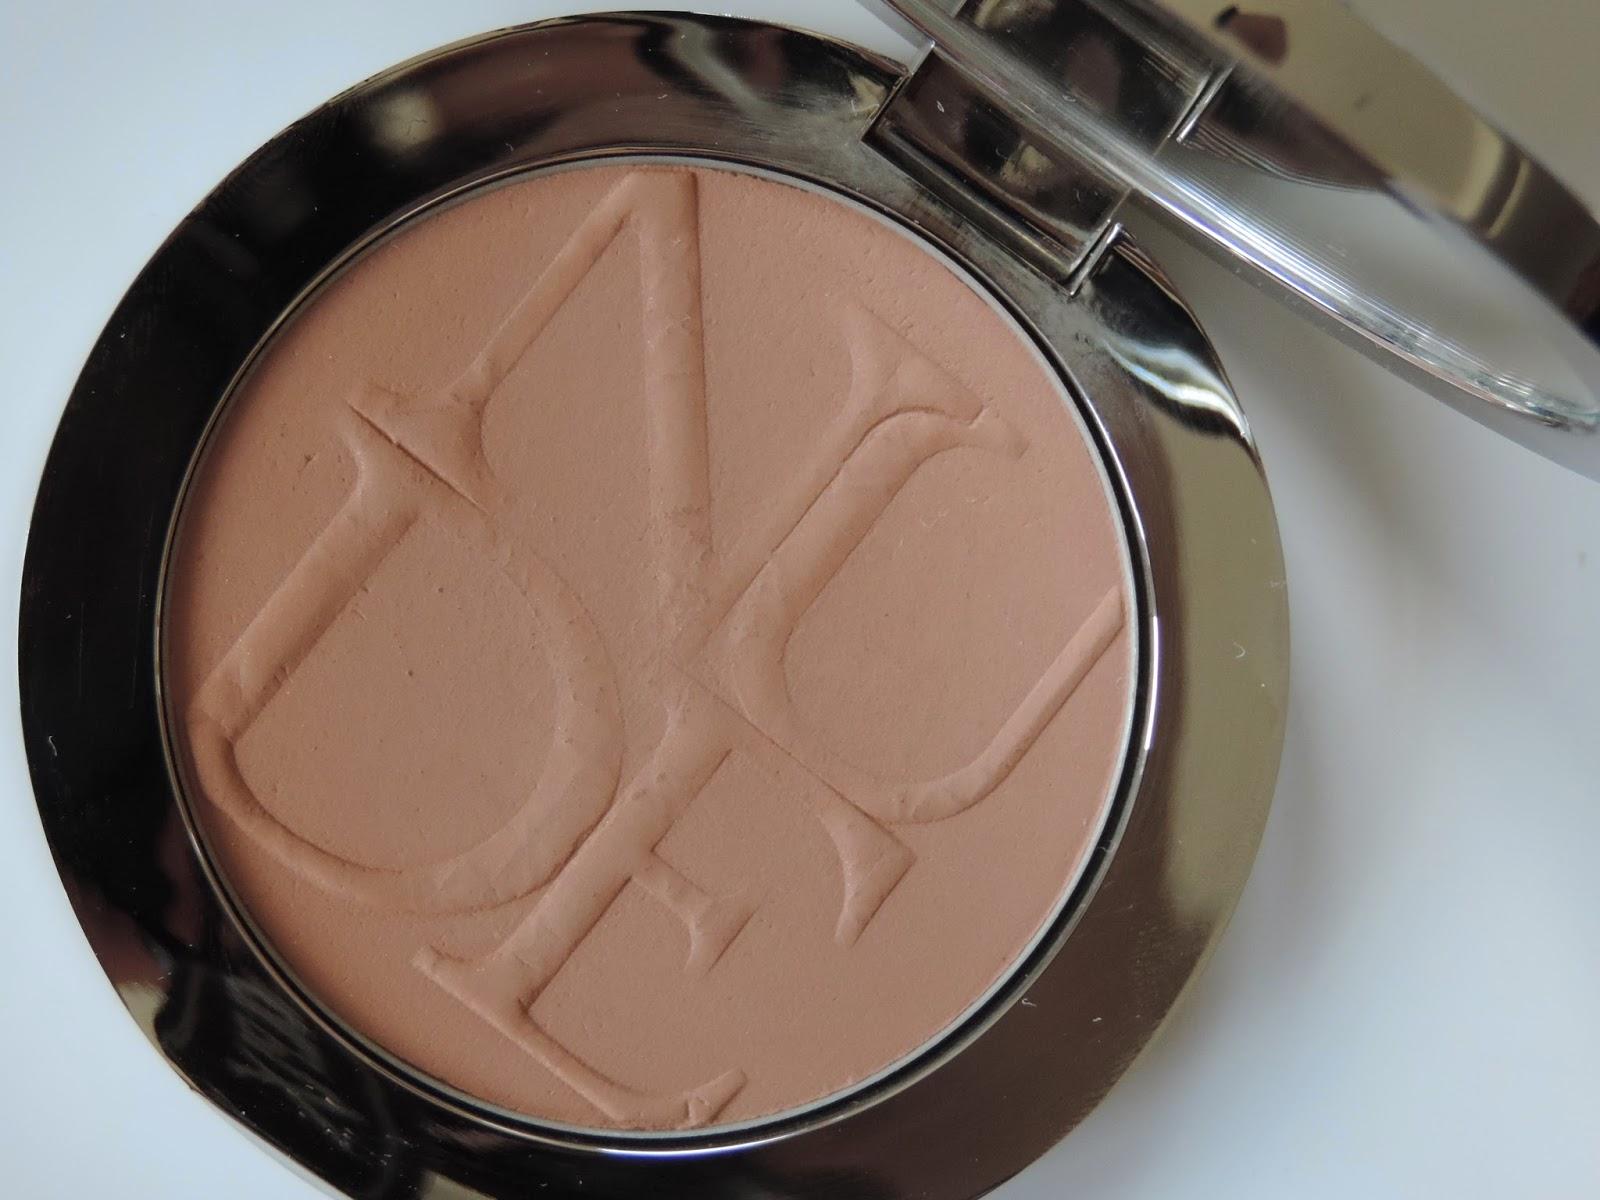 Dior Skin Nude Tan in Amber 002